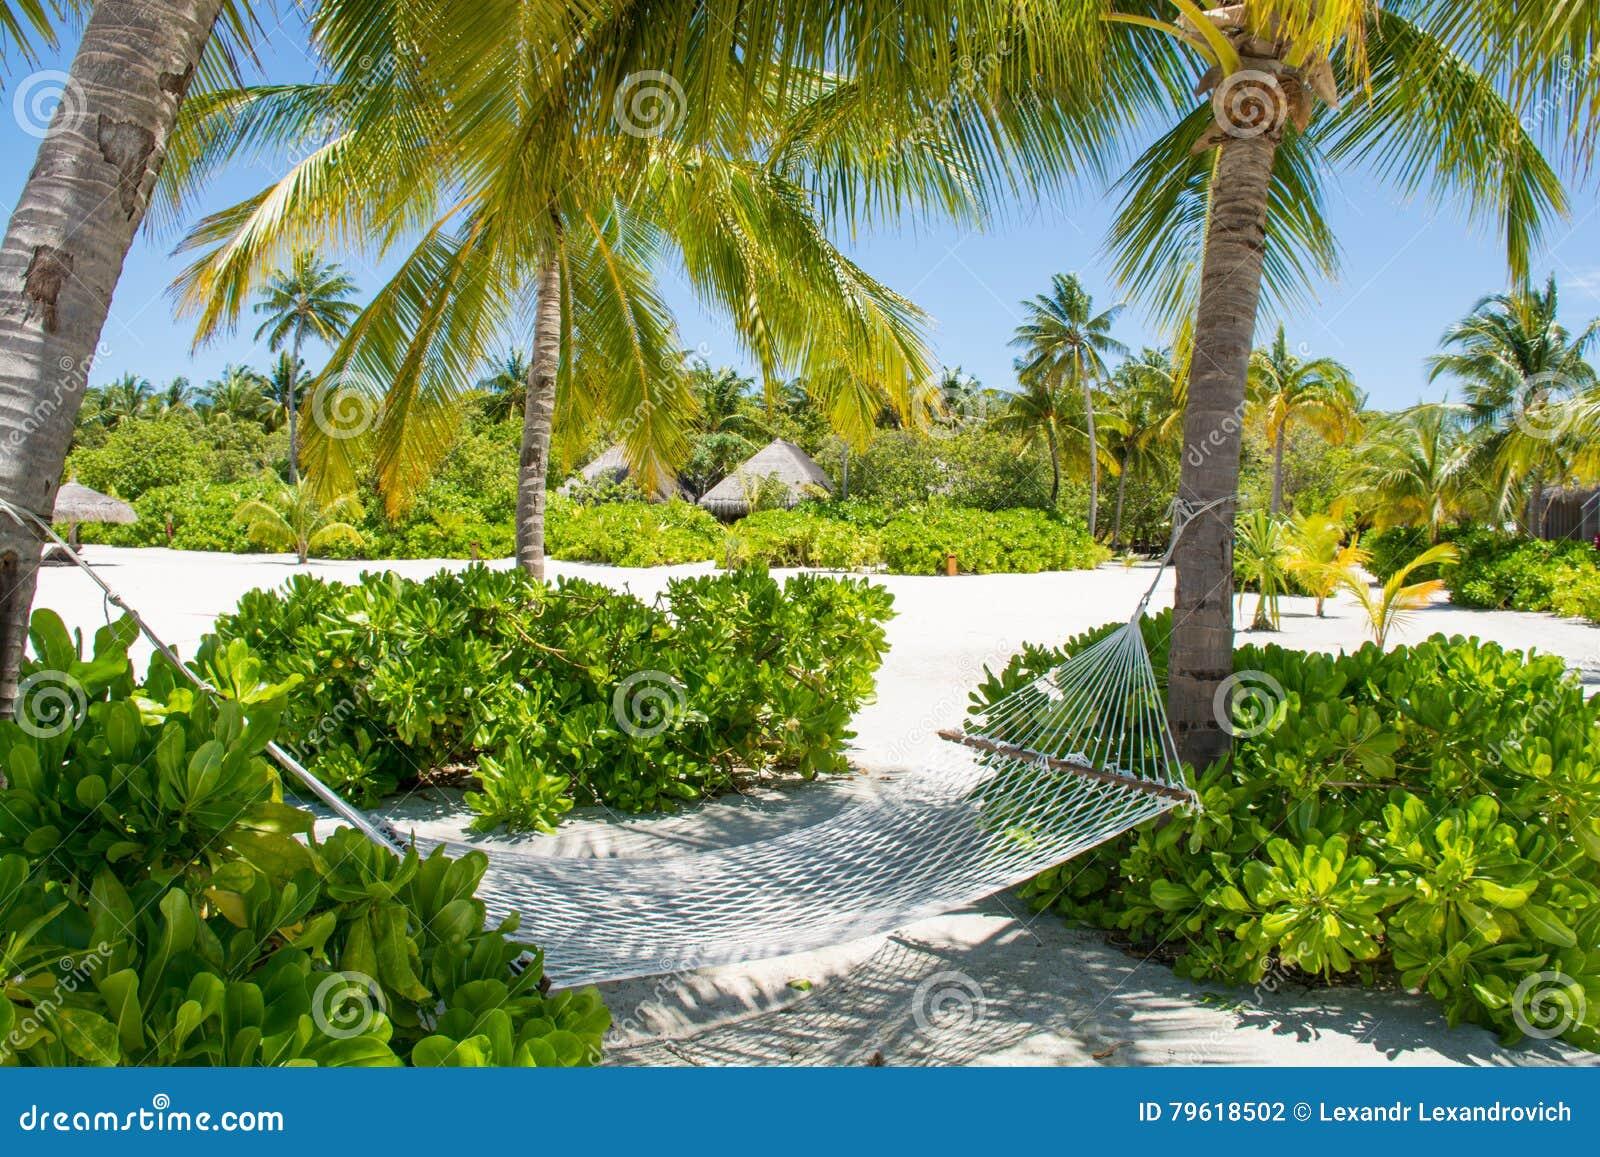 Rede confortável entre palmeiras na ilha tropical